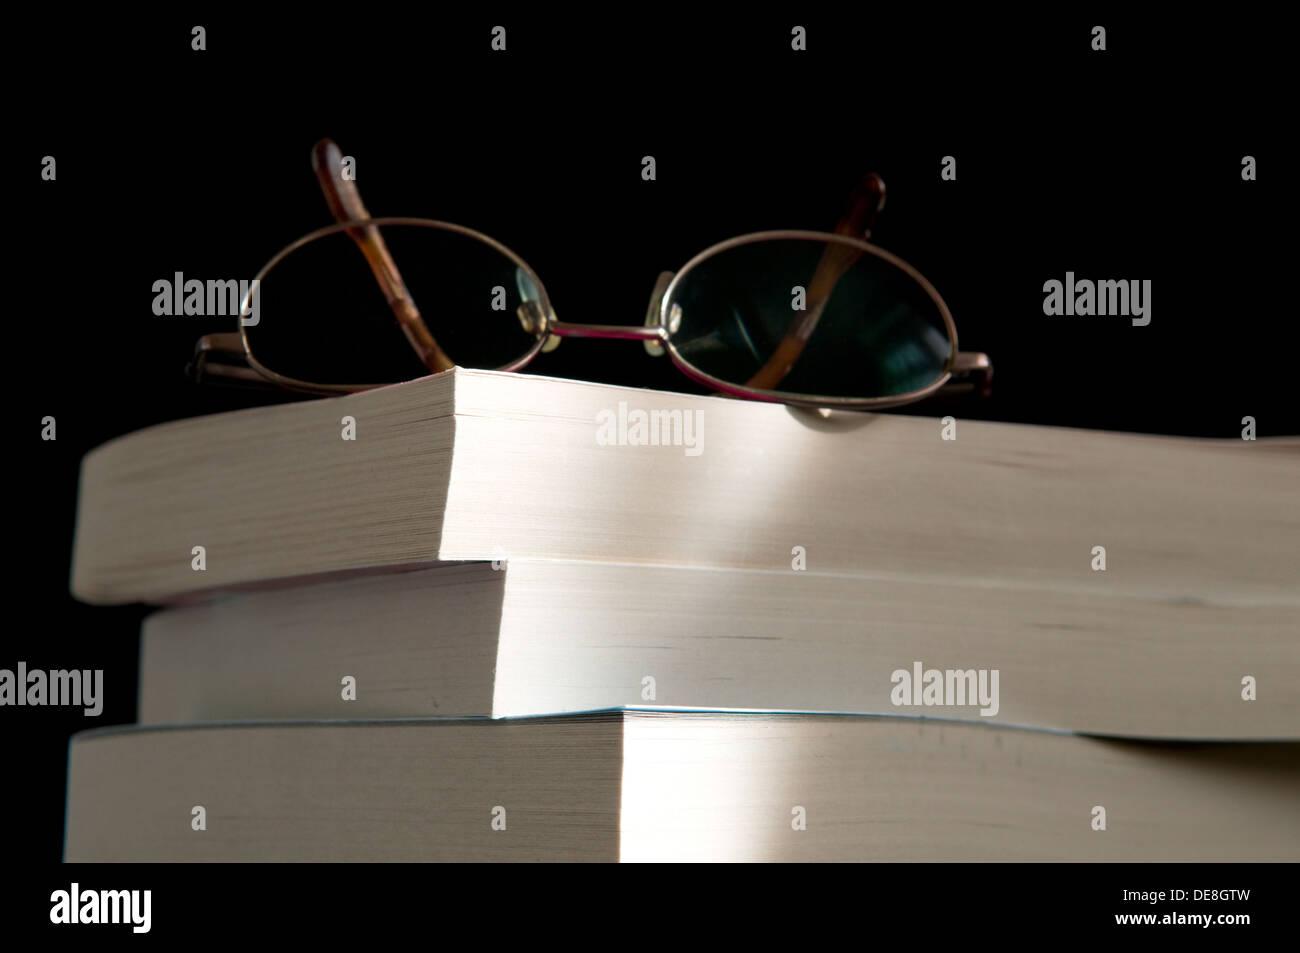 Montón de lectura de libros sobre el escritorio de madera antigua, el concepto de aprendizaje y educación, o la relajación Imagen De Stock